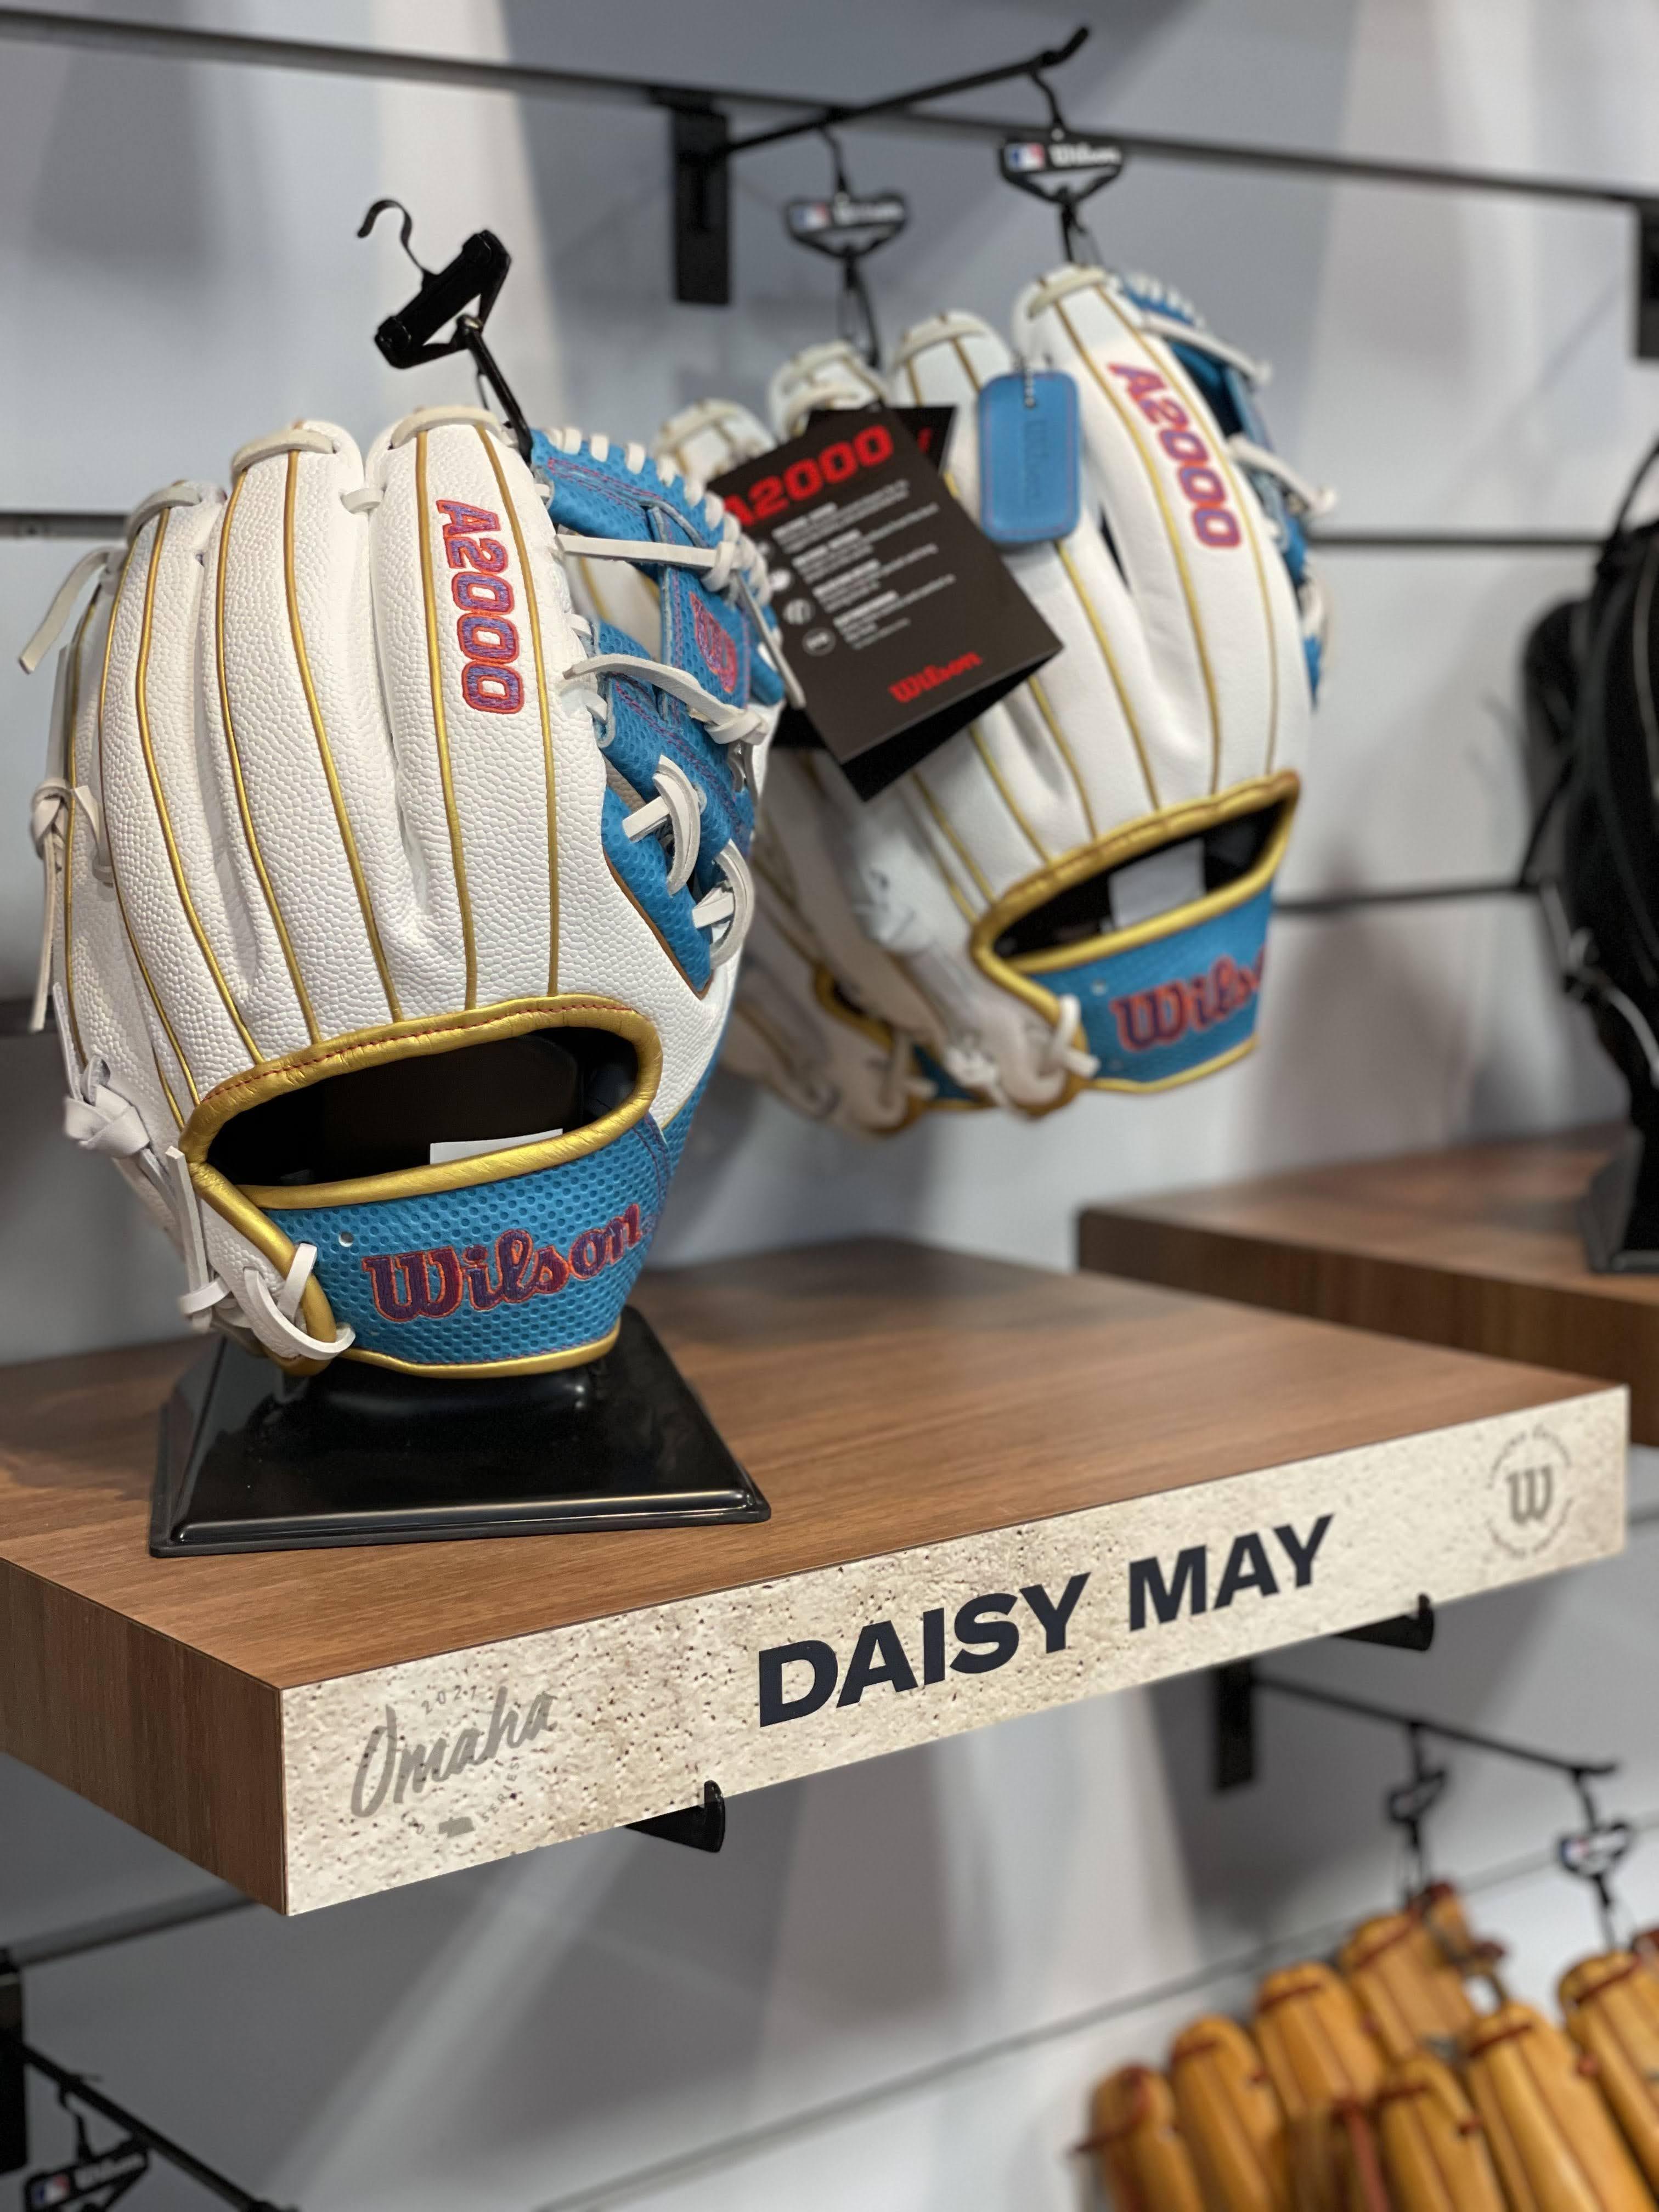 Daisy May glove